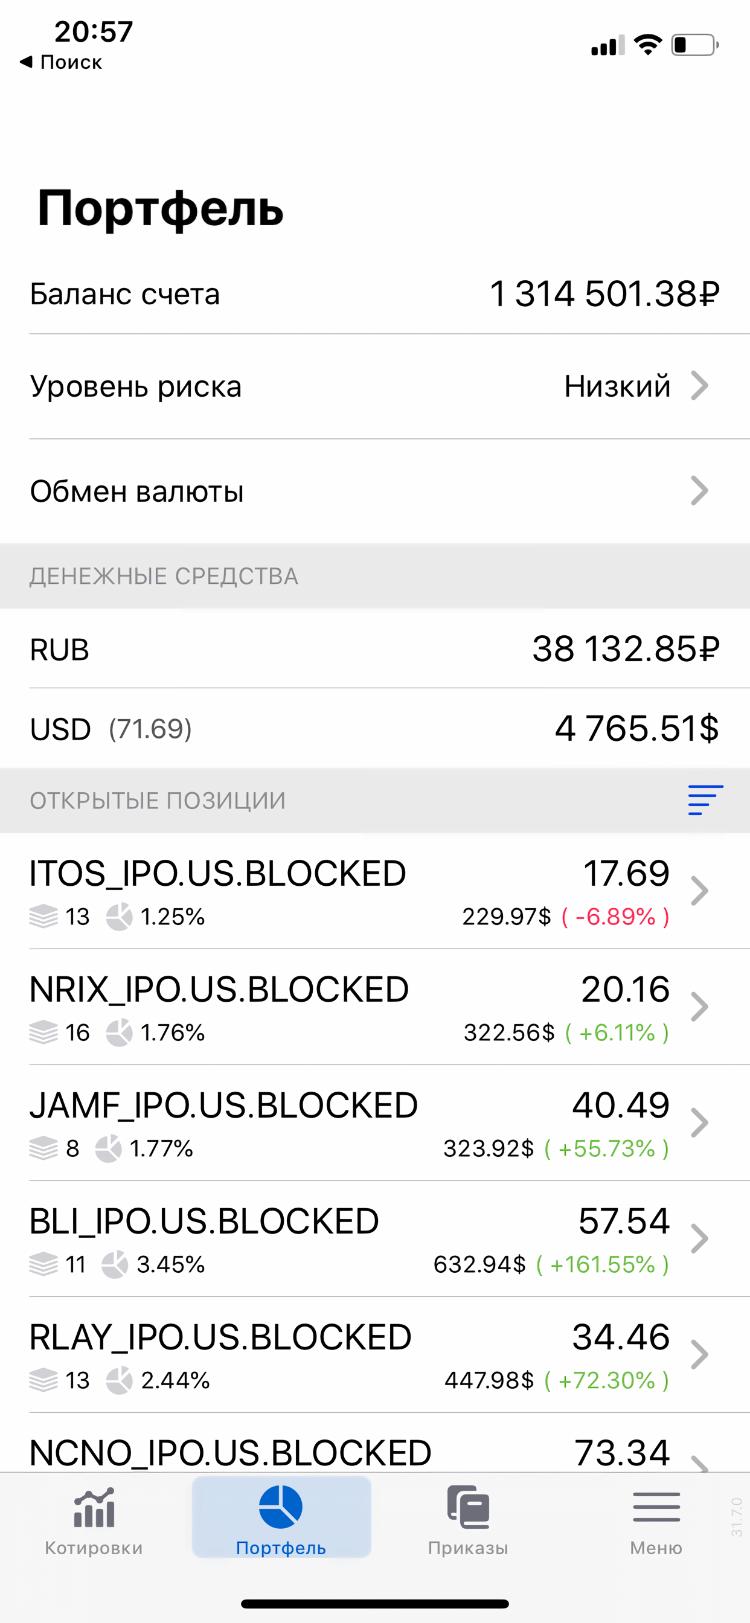 Я инвестирую в IPO с начала года